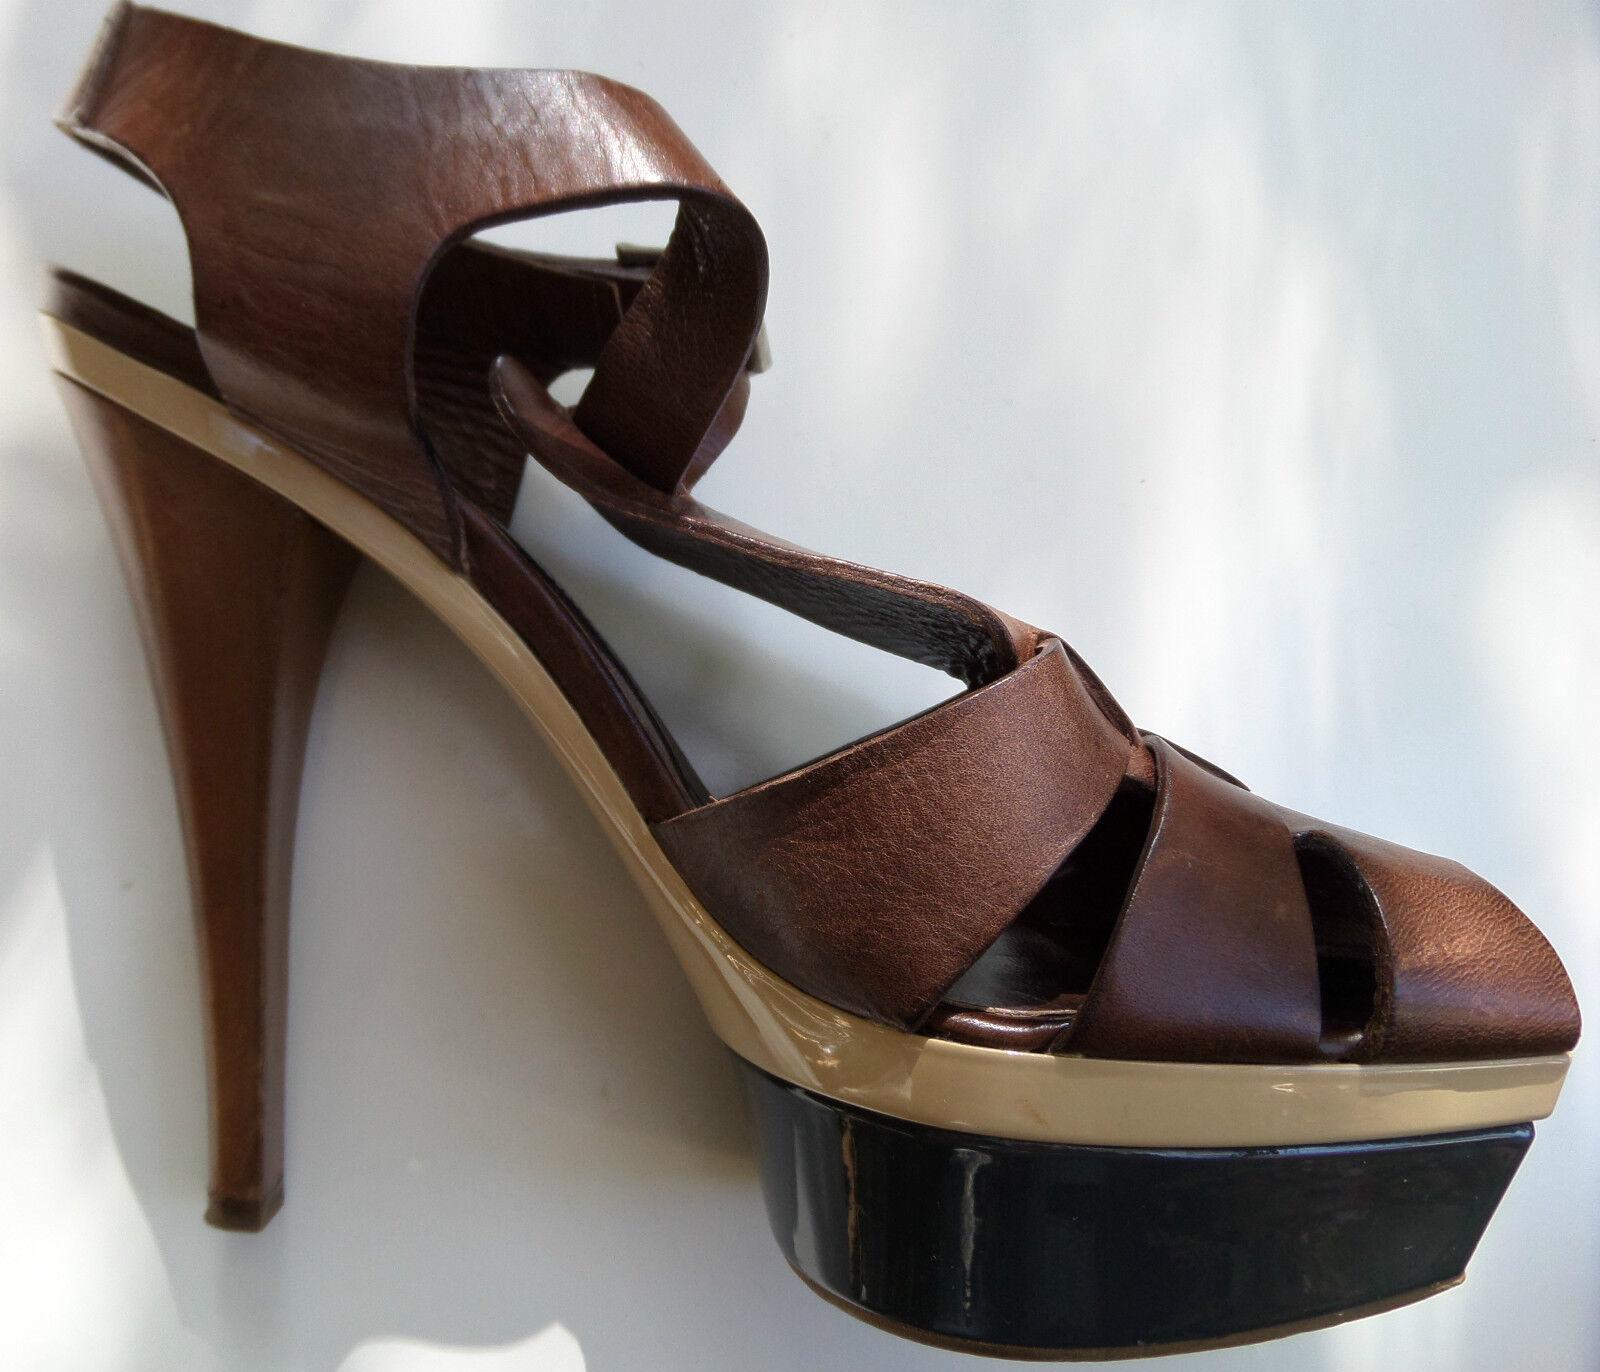 MARNI Damen Luxus Glatt Leder Highheel Sling Pump Sandalette in Gr D 40 40.5